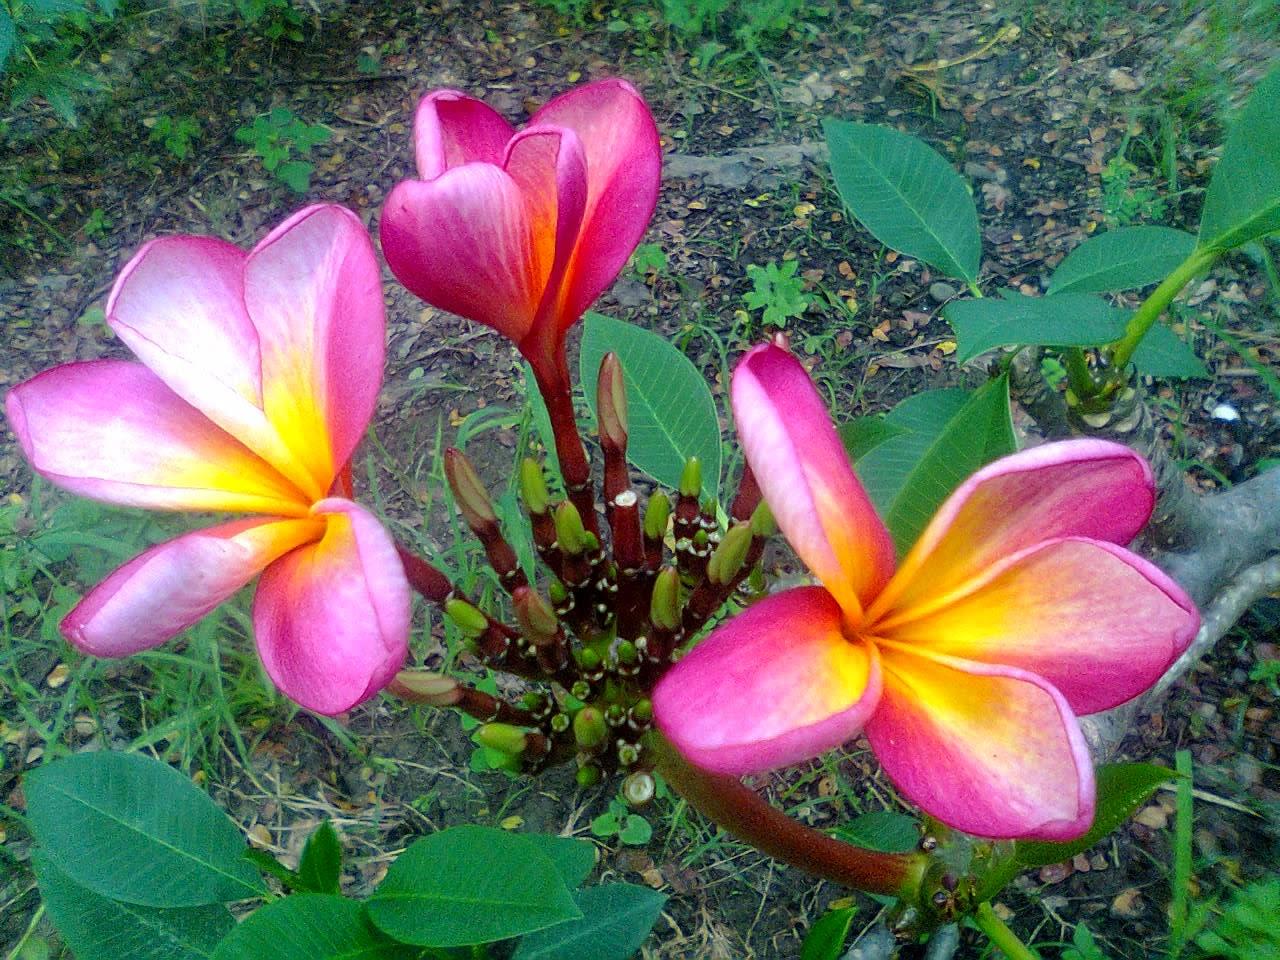 Forum Muslim Manfaat Pohon Dan Bunga Kamboja